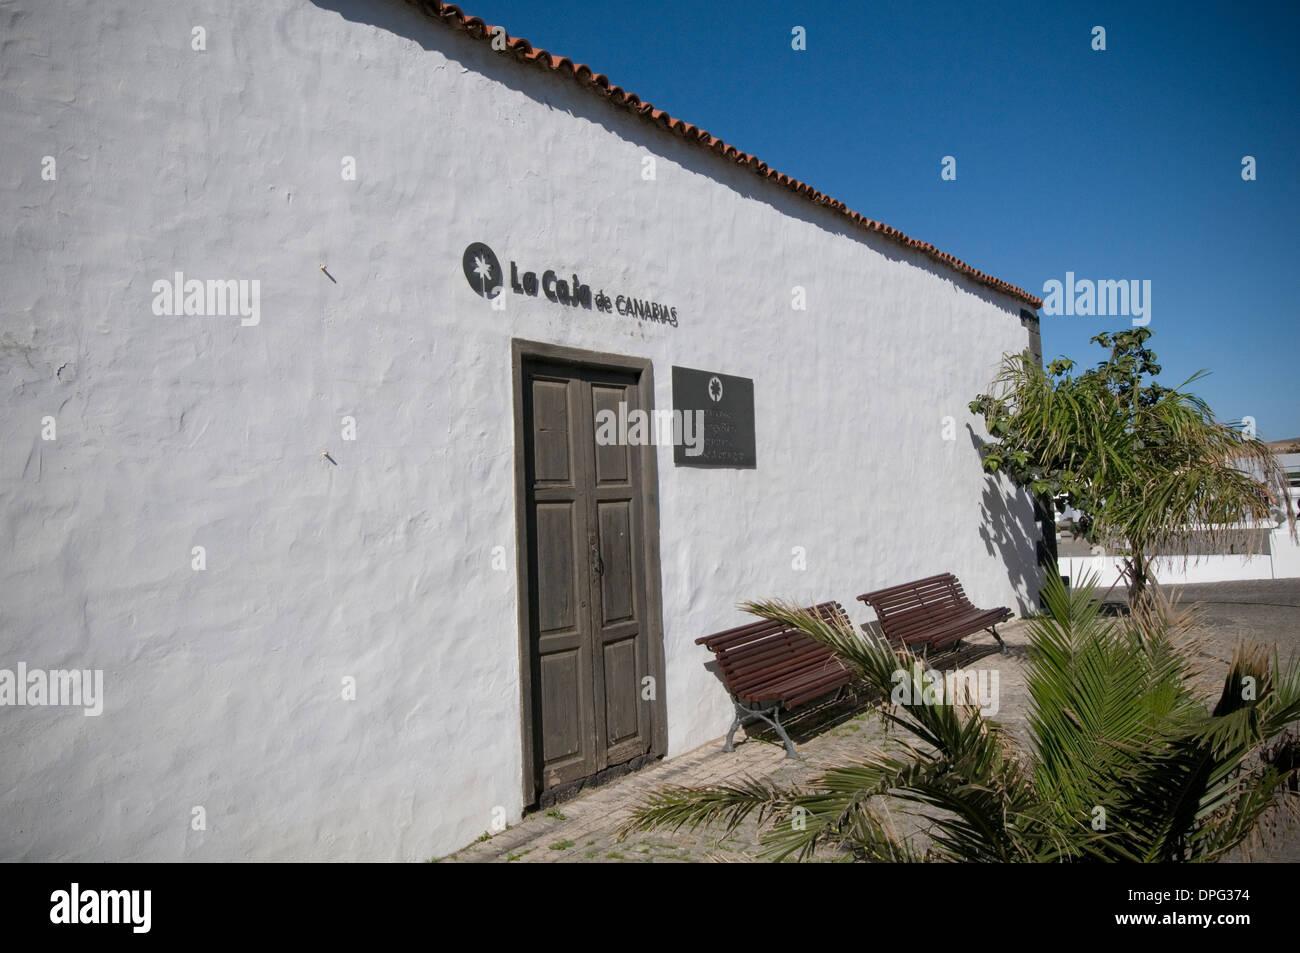 la caja de canarias Savings Insular de Canarias canaries islands island canary bank banks Spanish branch spain - Stock Image